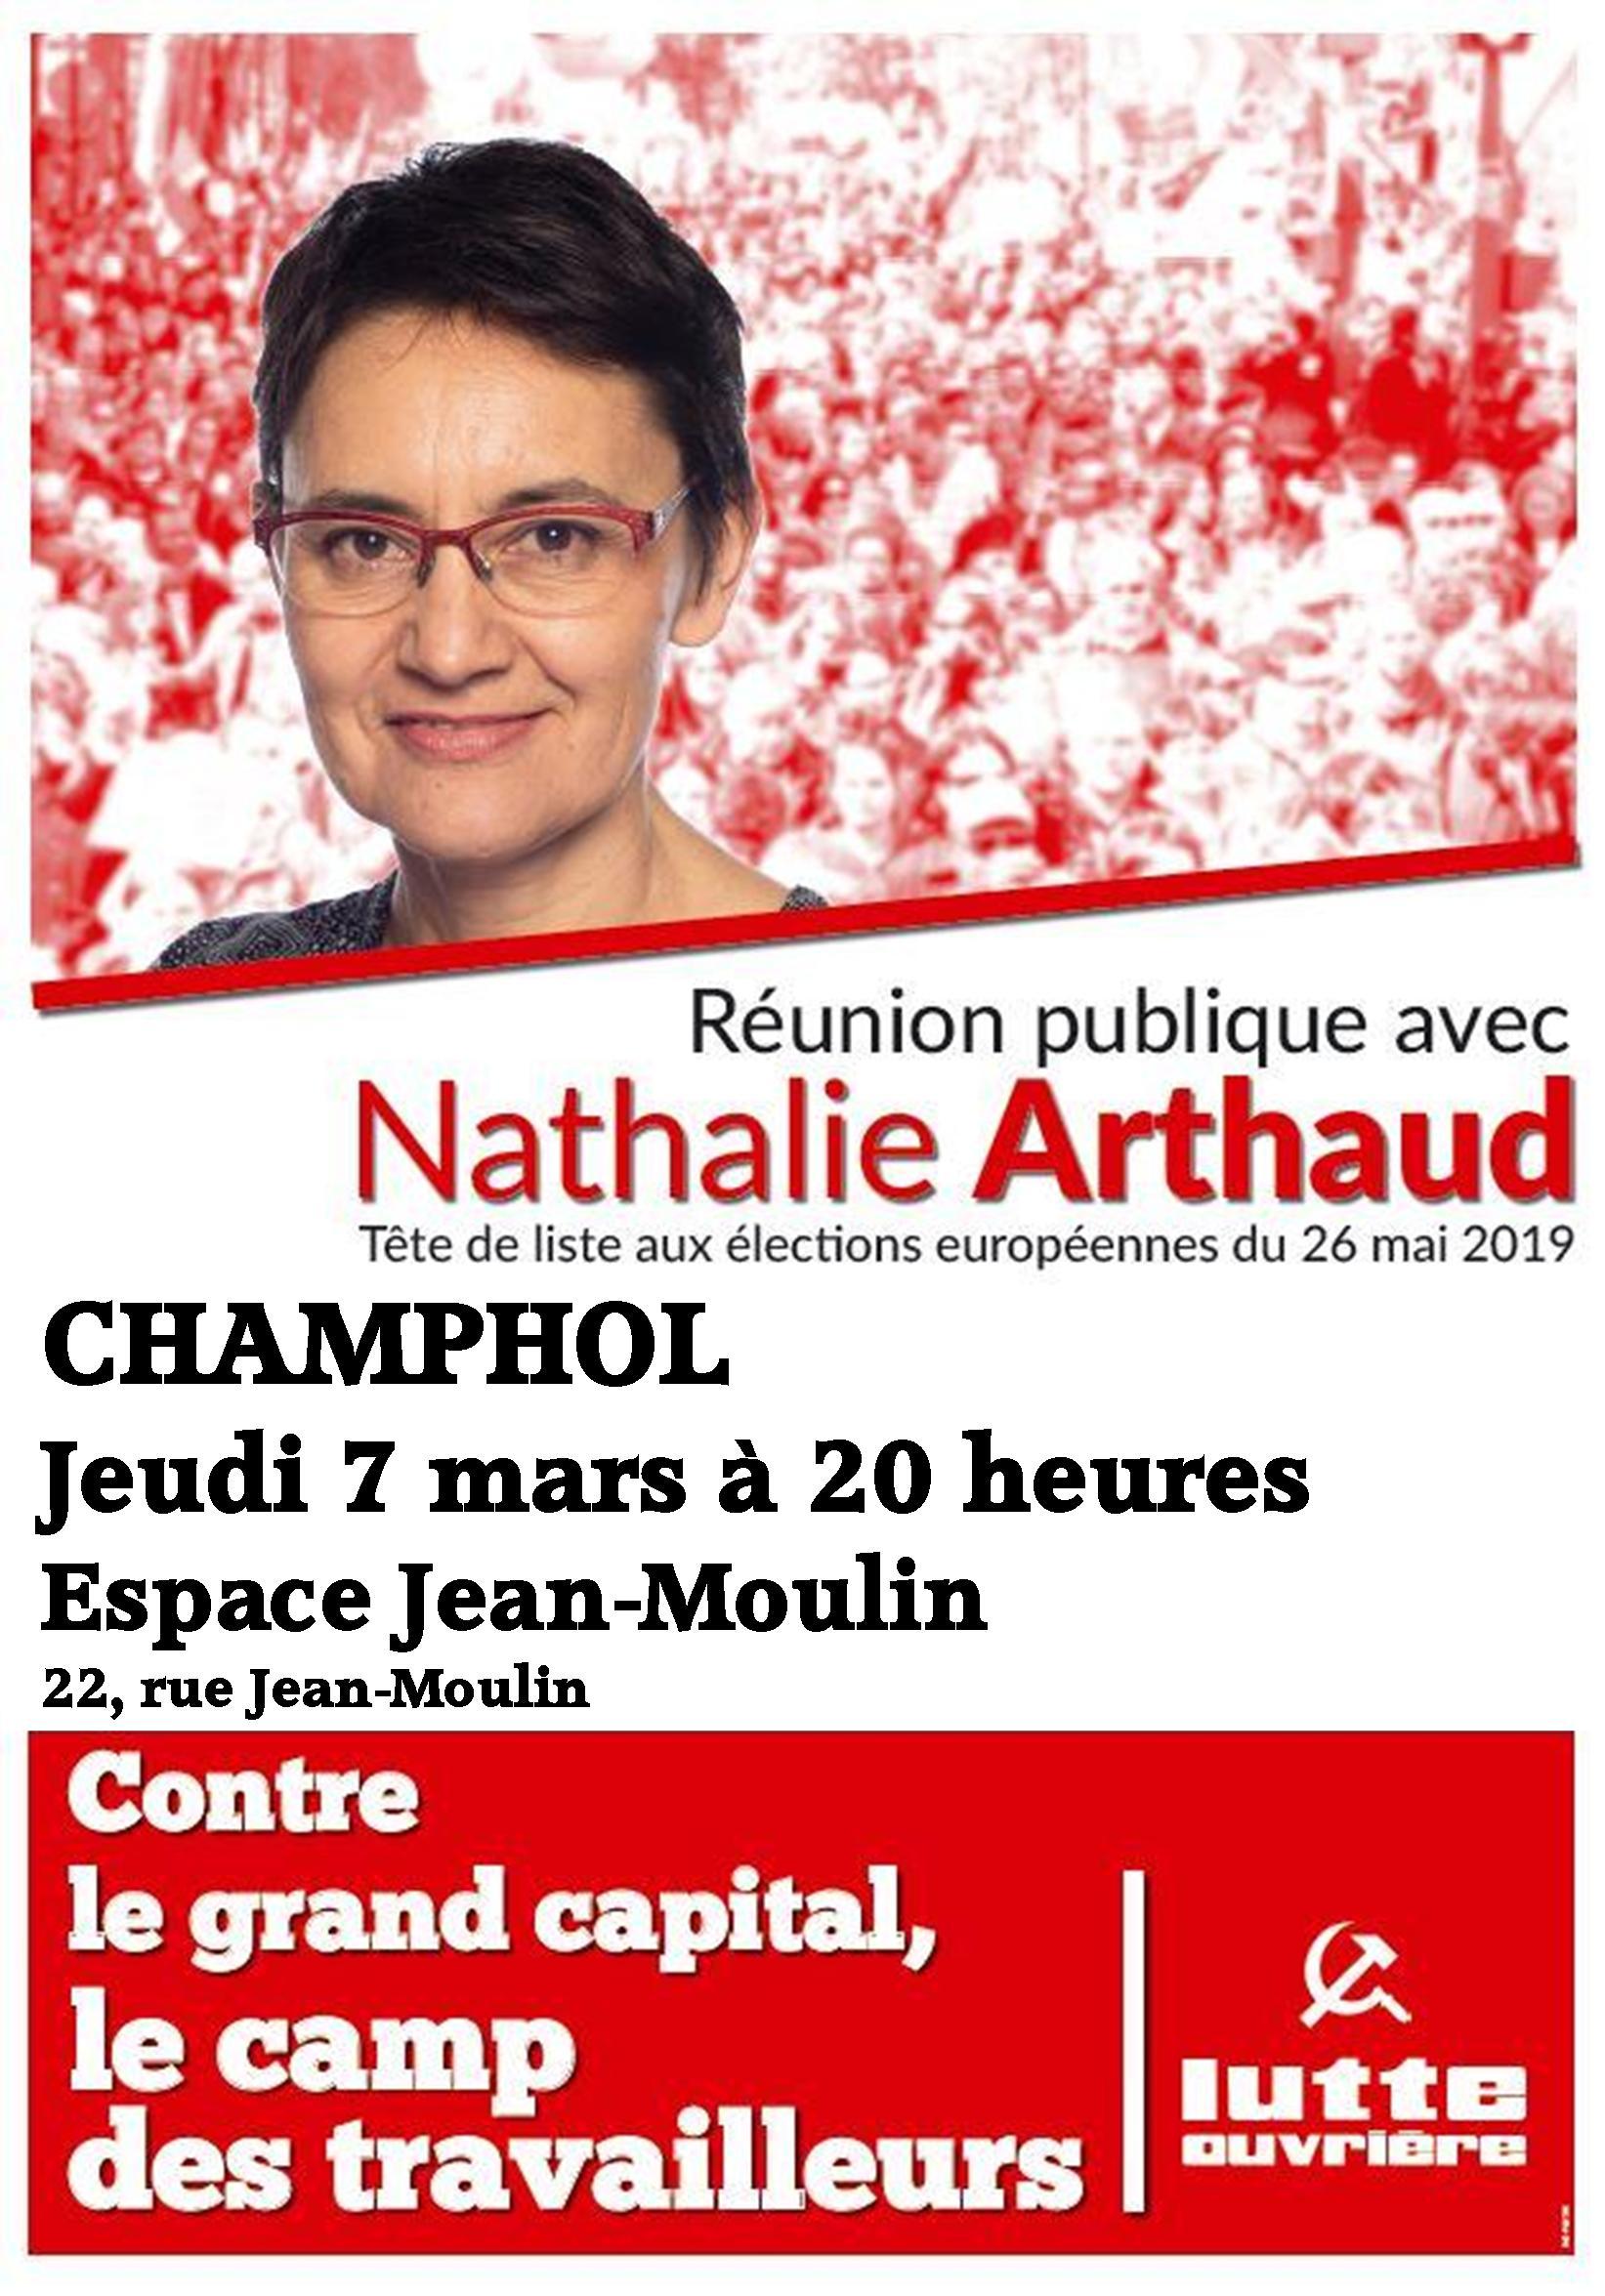 Affiche_Reu_publique Athaud LO Champhol 2019-03-07